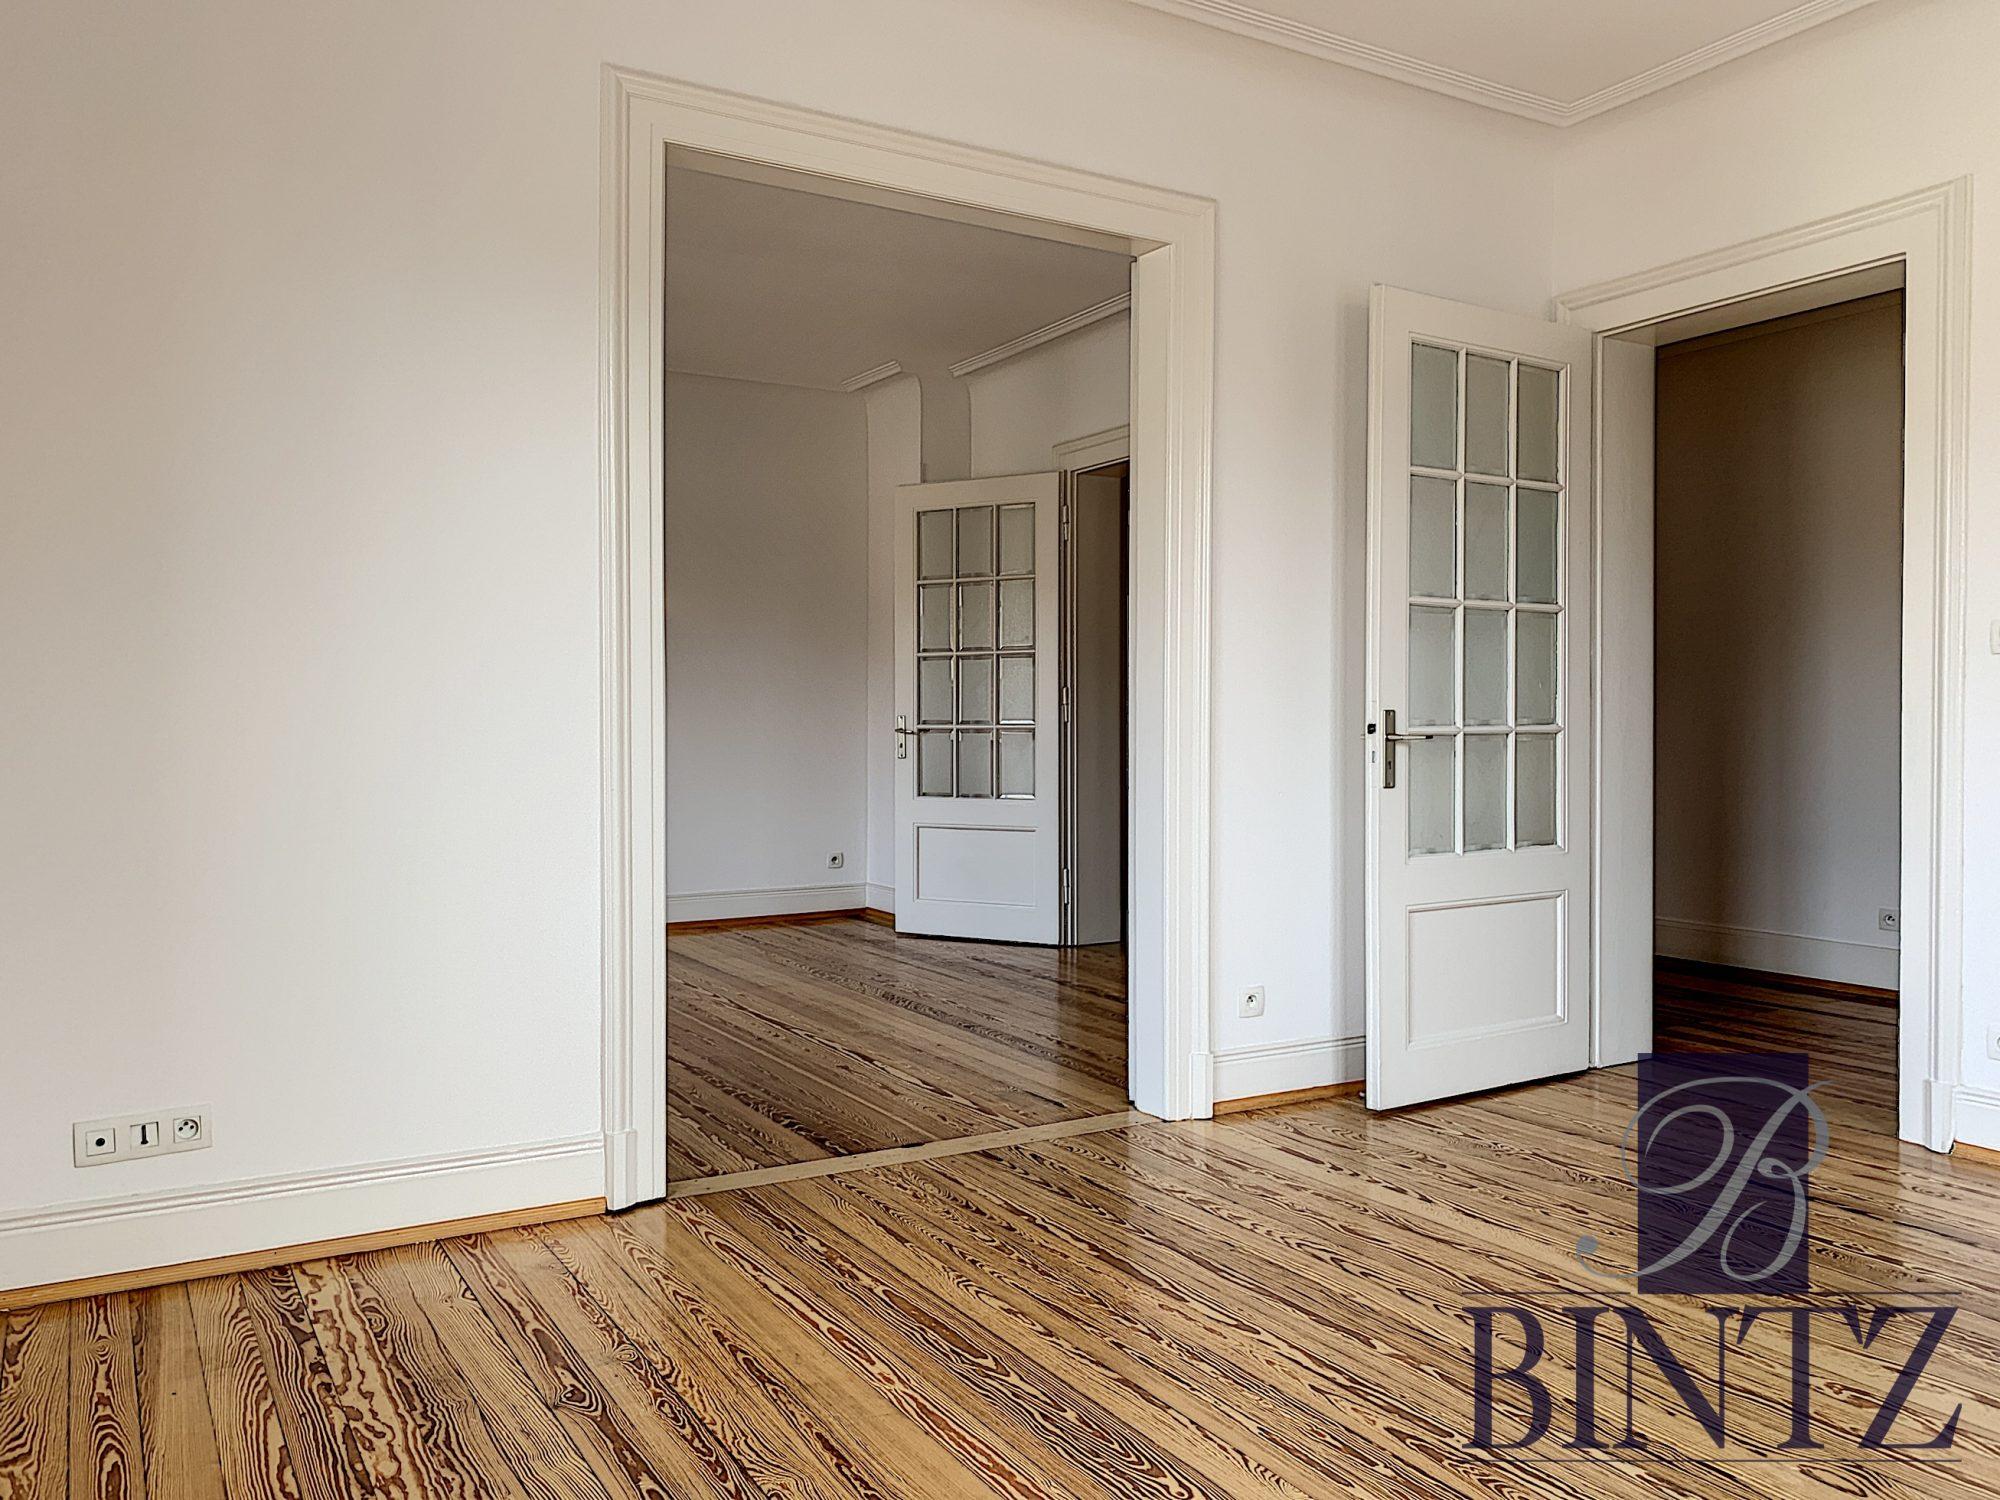 GRAND 5 PIÈCES RÉNOVÉ À NEUDORF - Devenez locataire en toute sérénité - Bintz Immobilier - 1